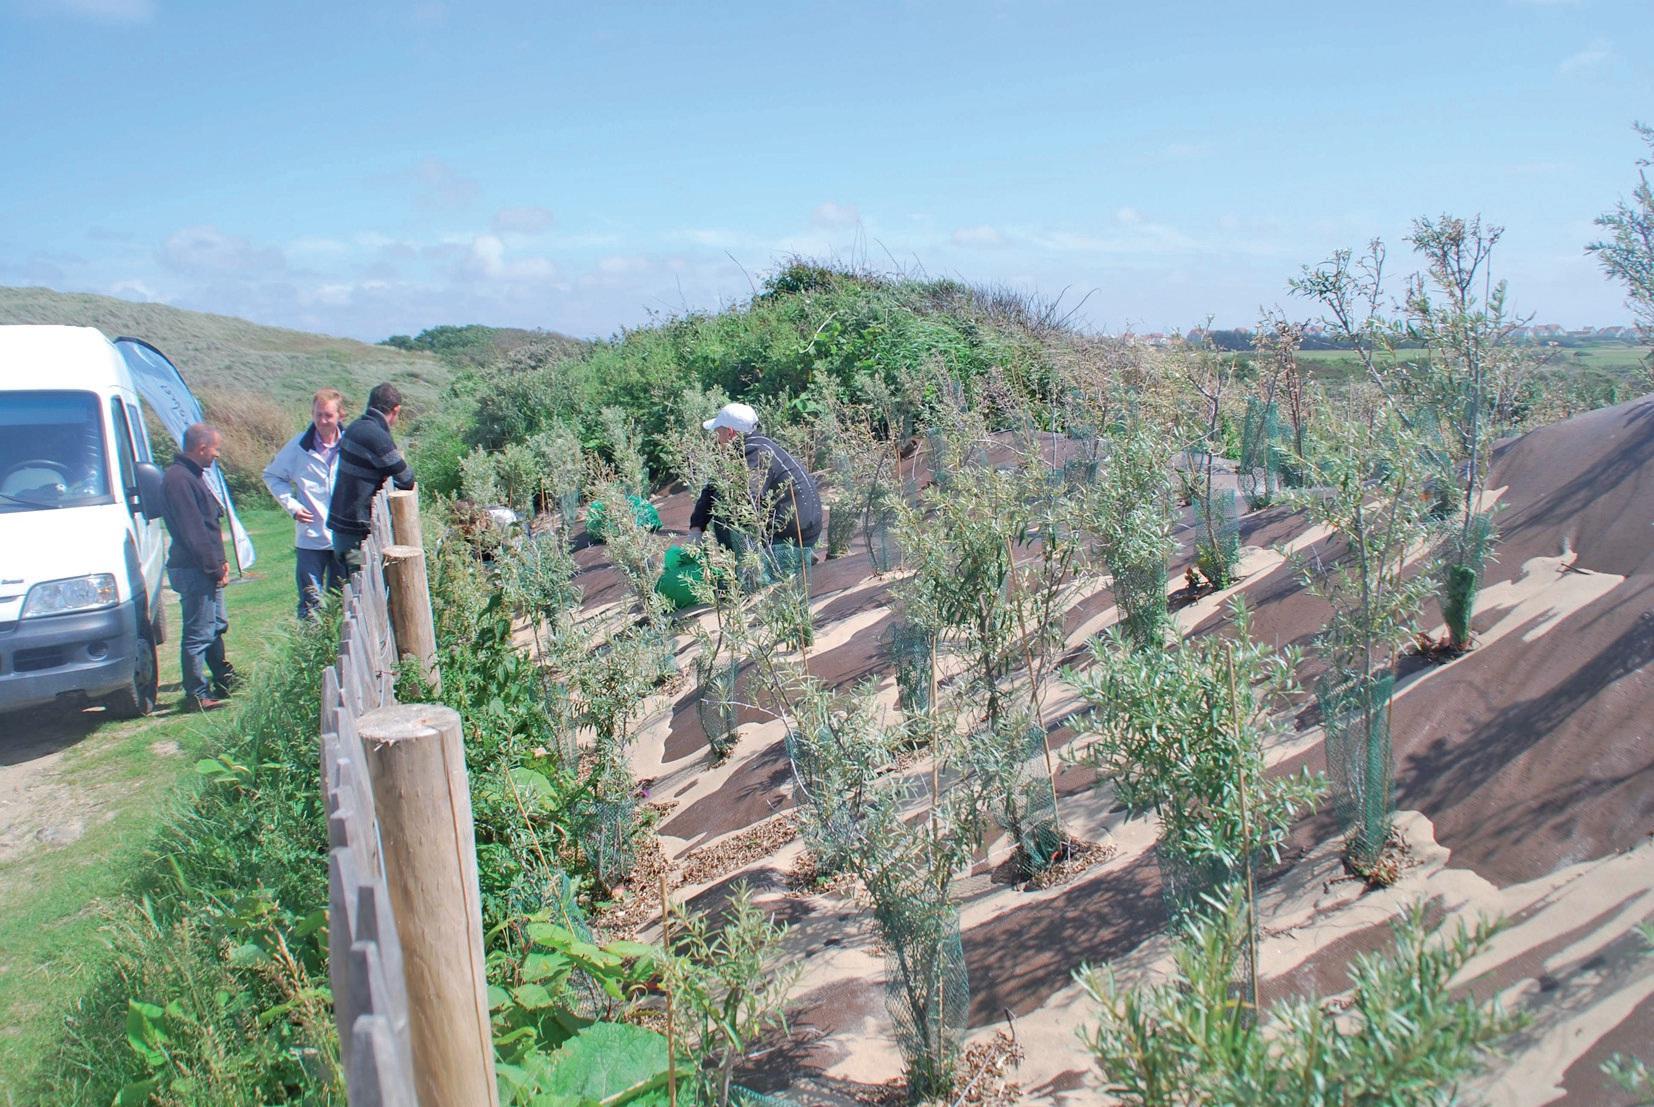 """A l'estuaire de la Slack, Rivages propres s'associe à l'opération """"Grand Site"""" en menant un chantier expérimental pour éliminer une espèce végétale invasive, la renouée du Japon."""